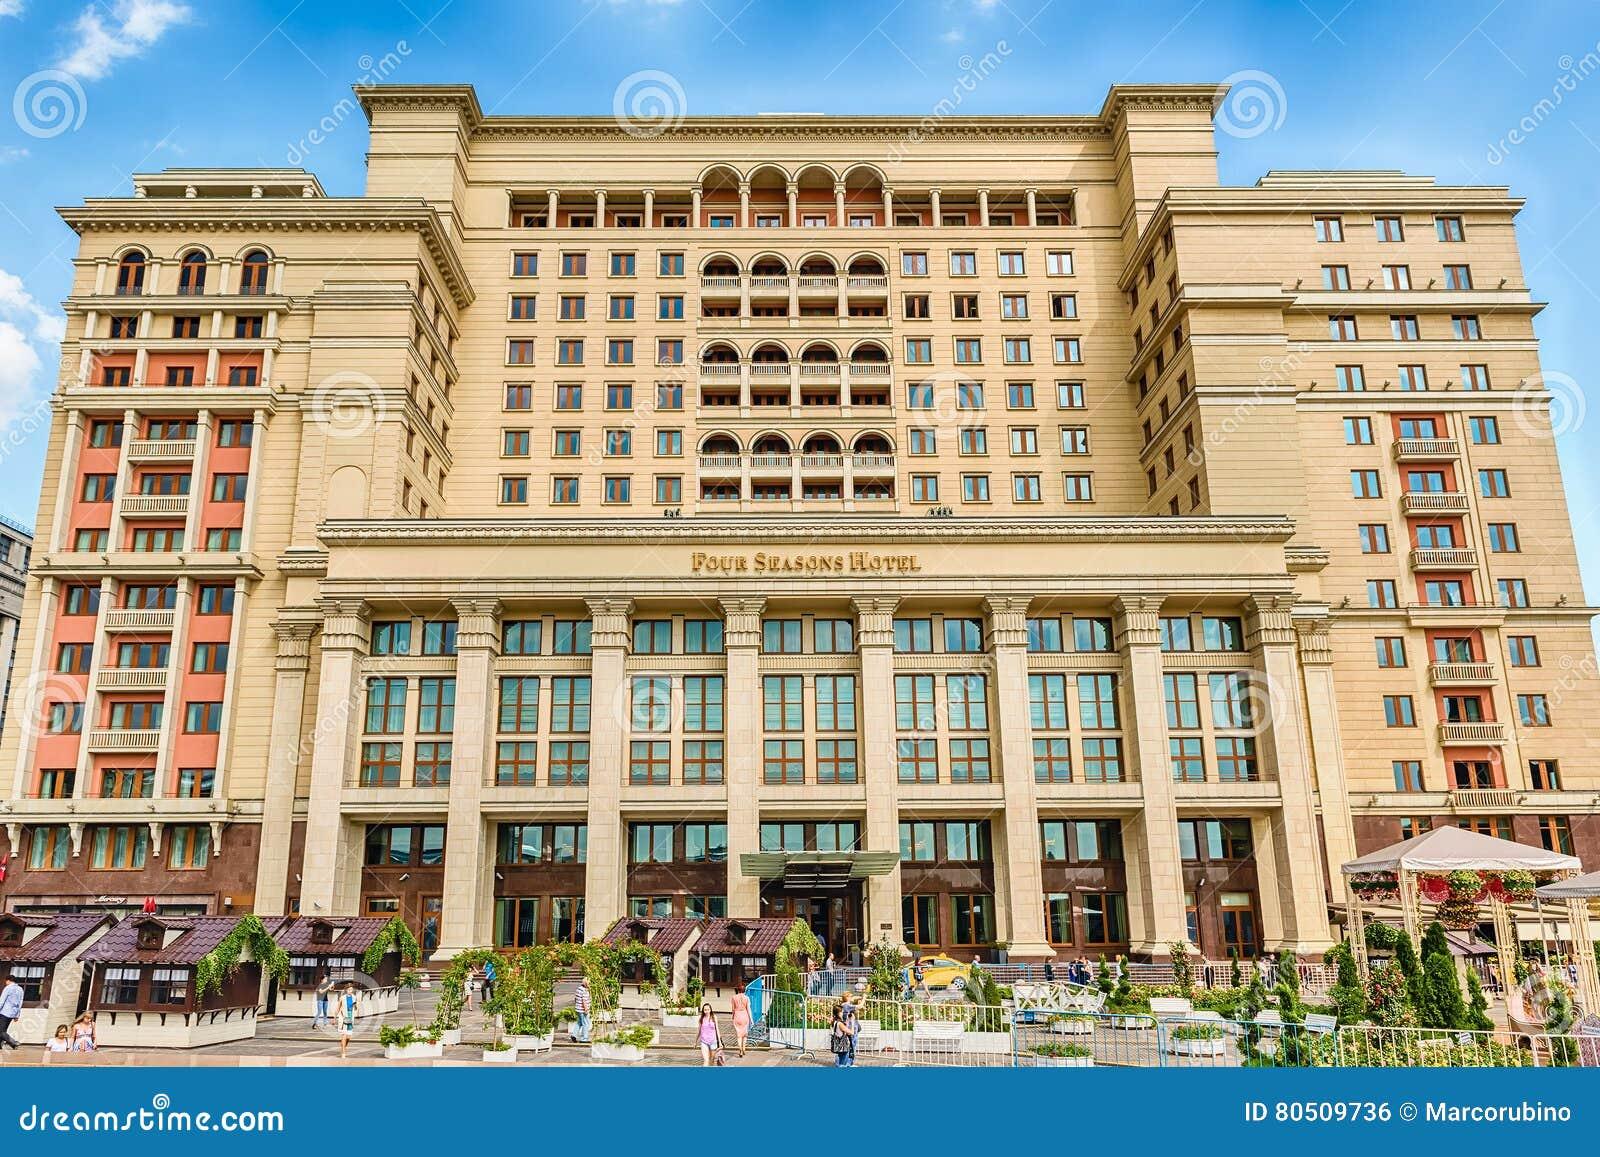 Fachada do hotel de quatro estações em Moscou, Rússia